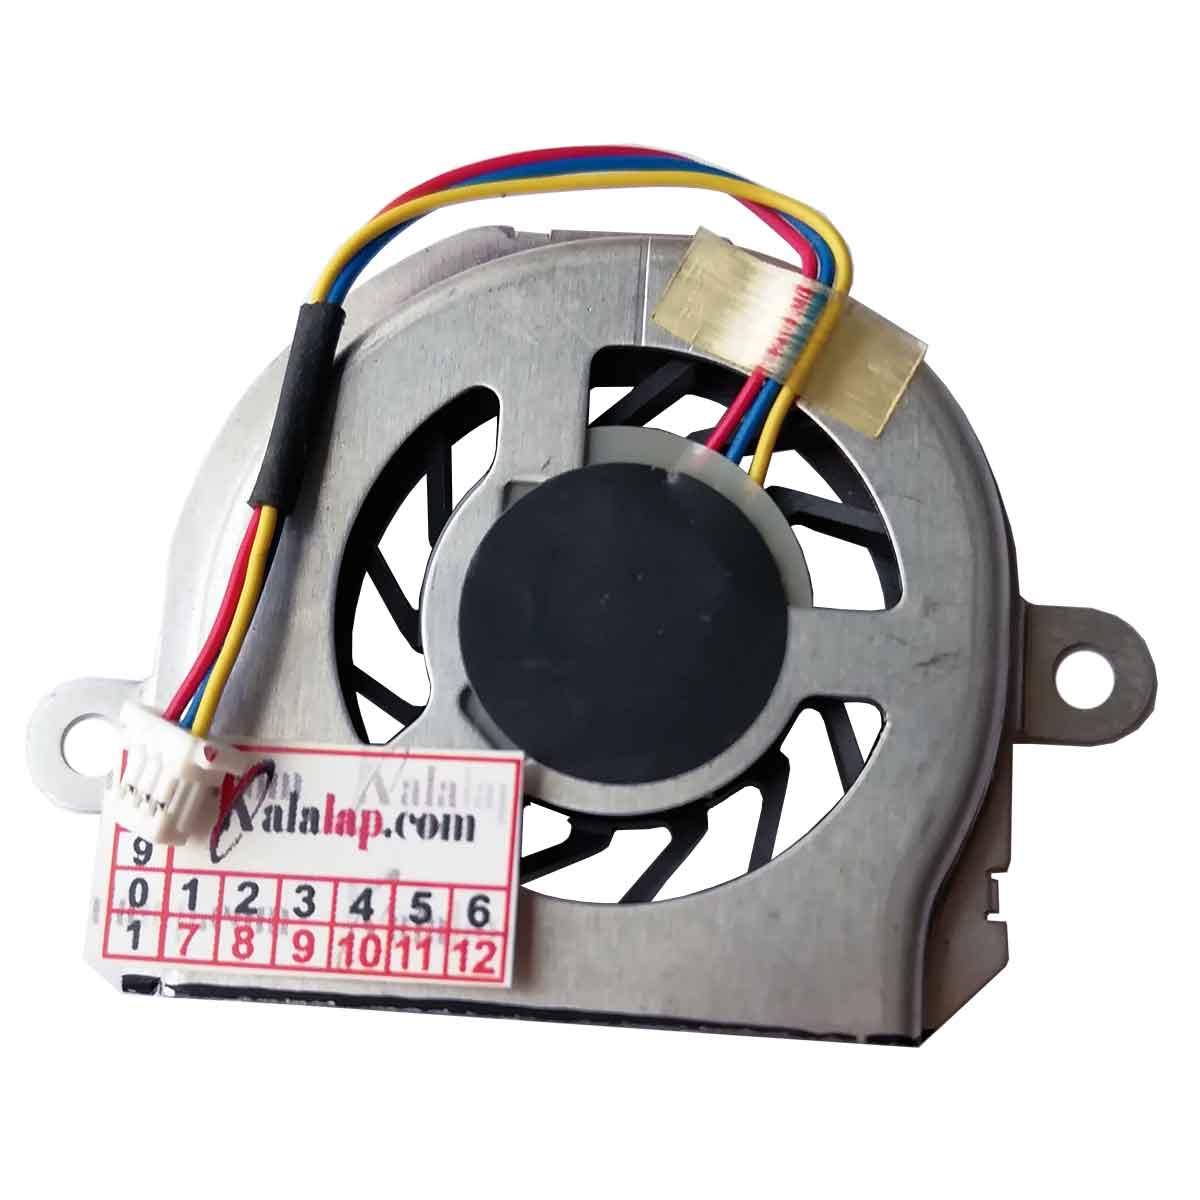 فن لپ تاپ اچ پی fan hp mini 1000